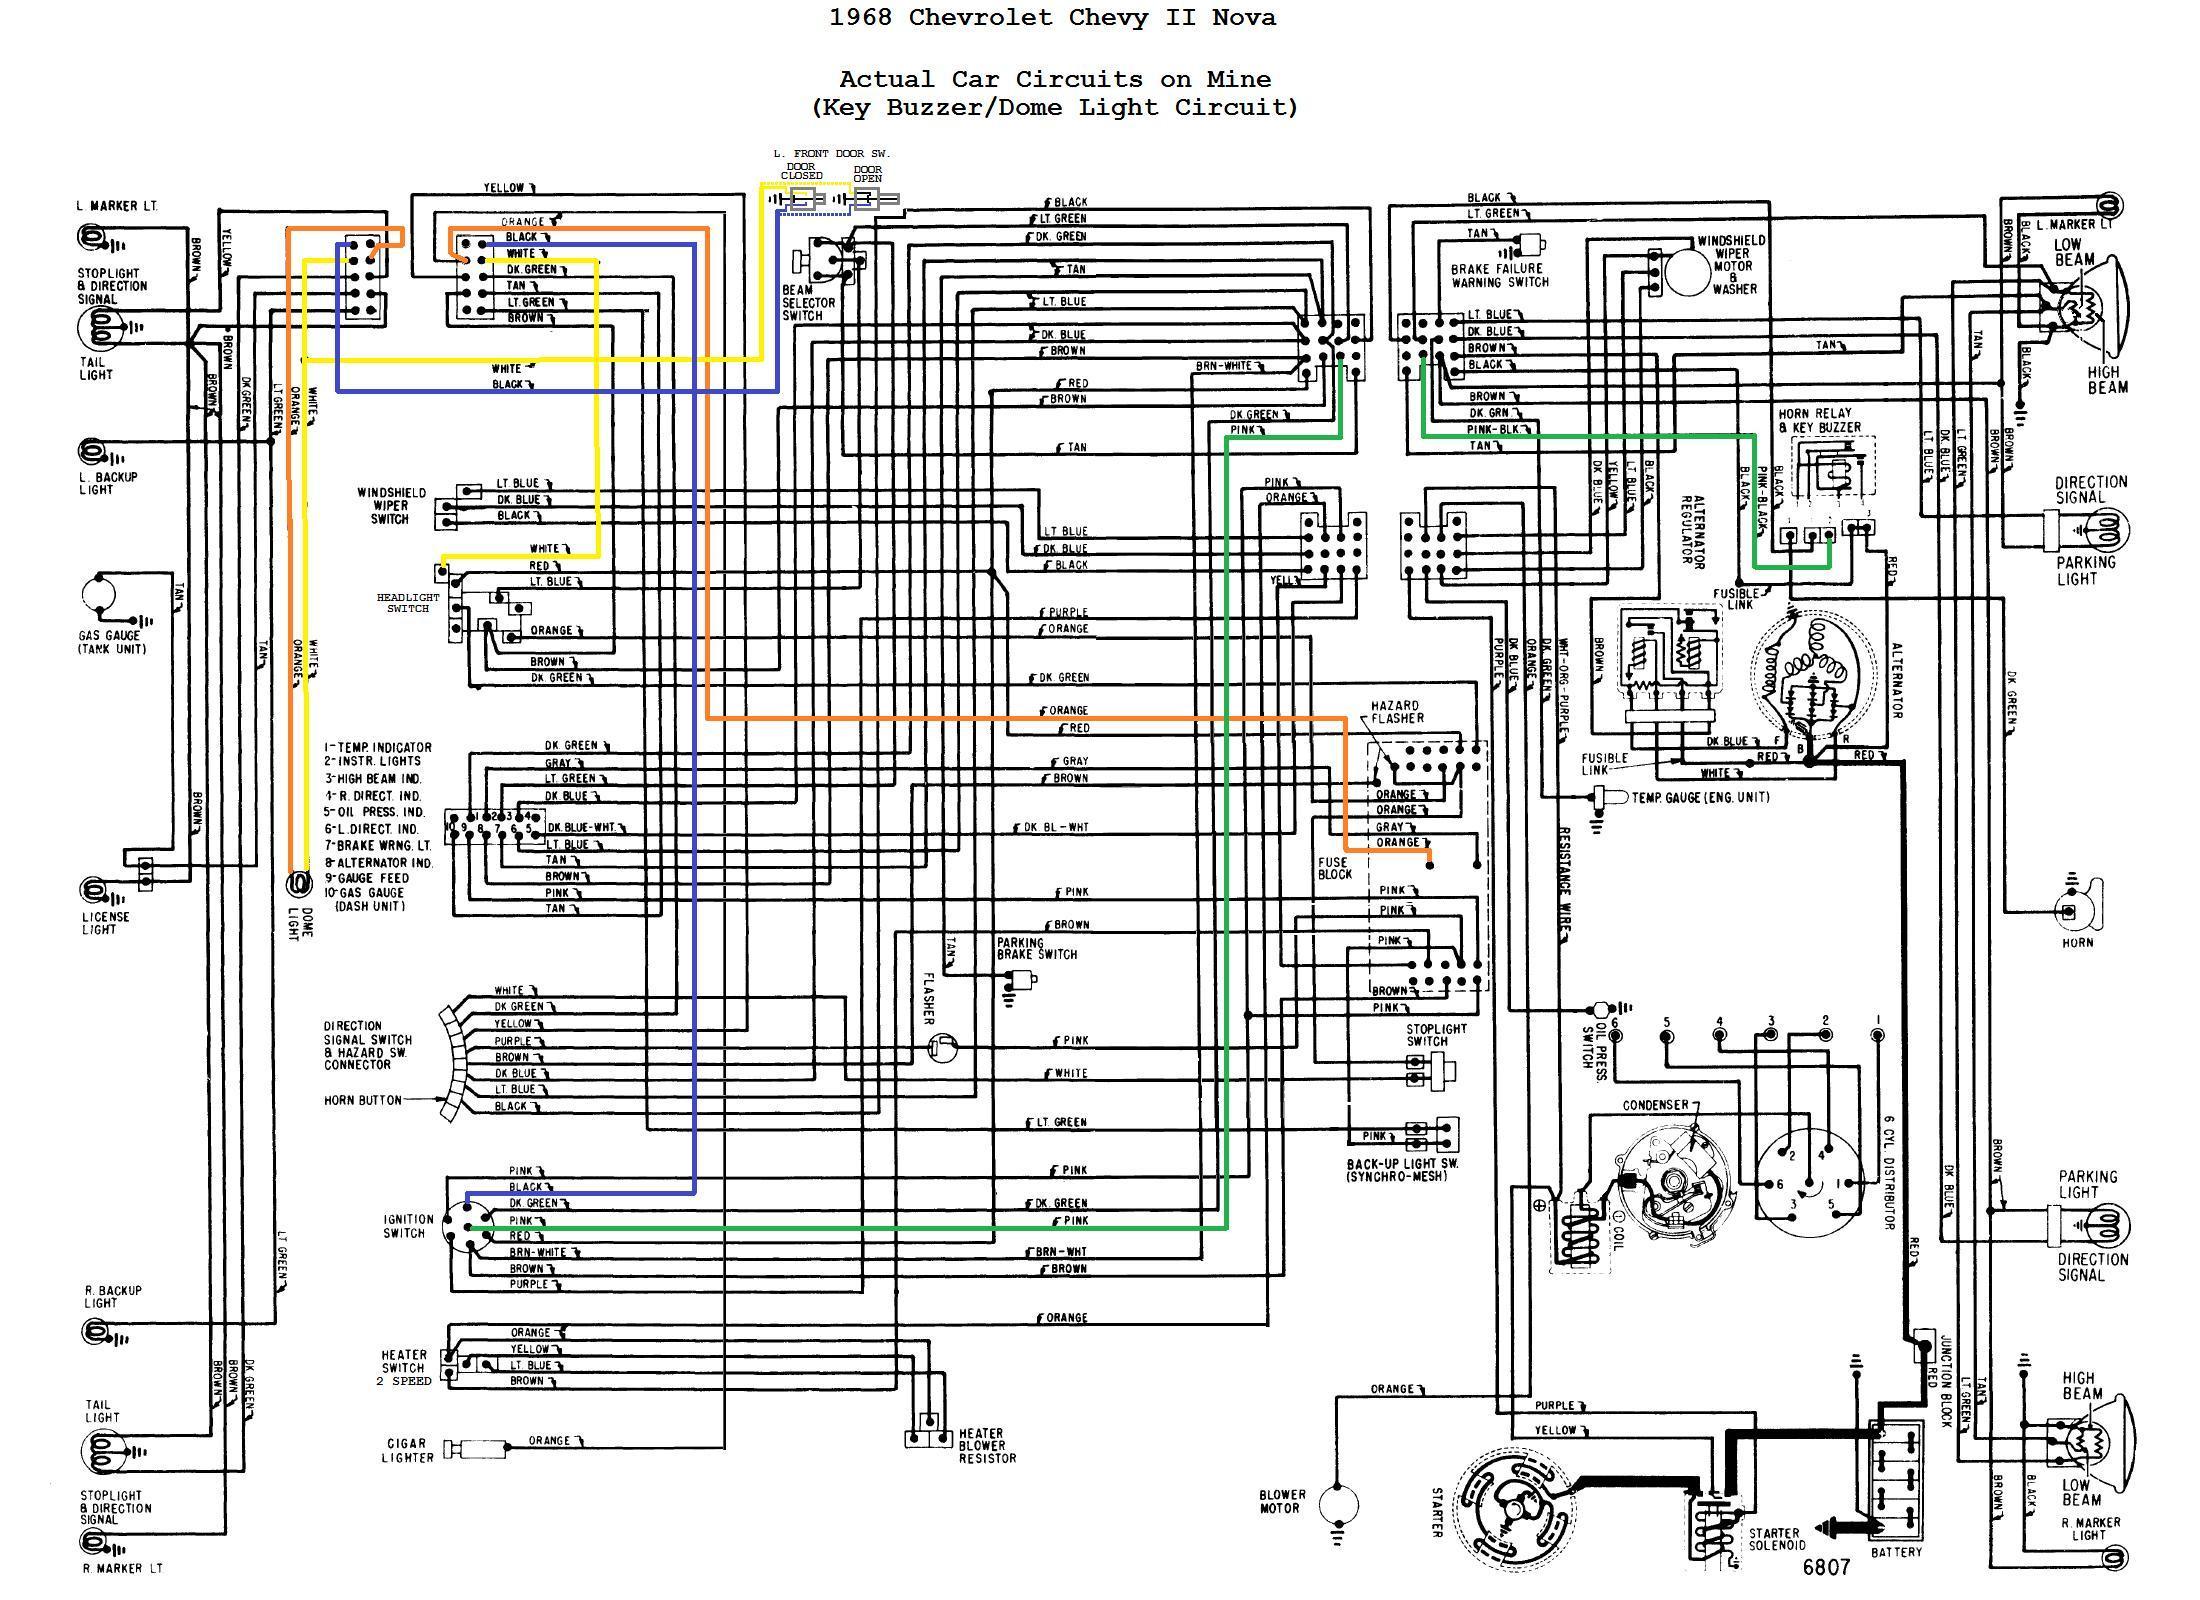 Toyota Landcruiser 100 Series Wiring Diagram Manual Wiring Diagram Report1 Report1 Maceratadoc It